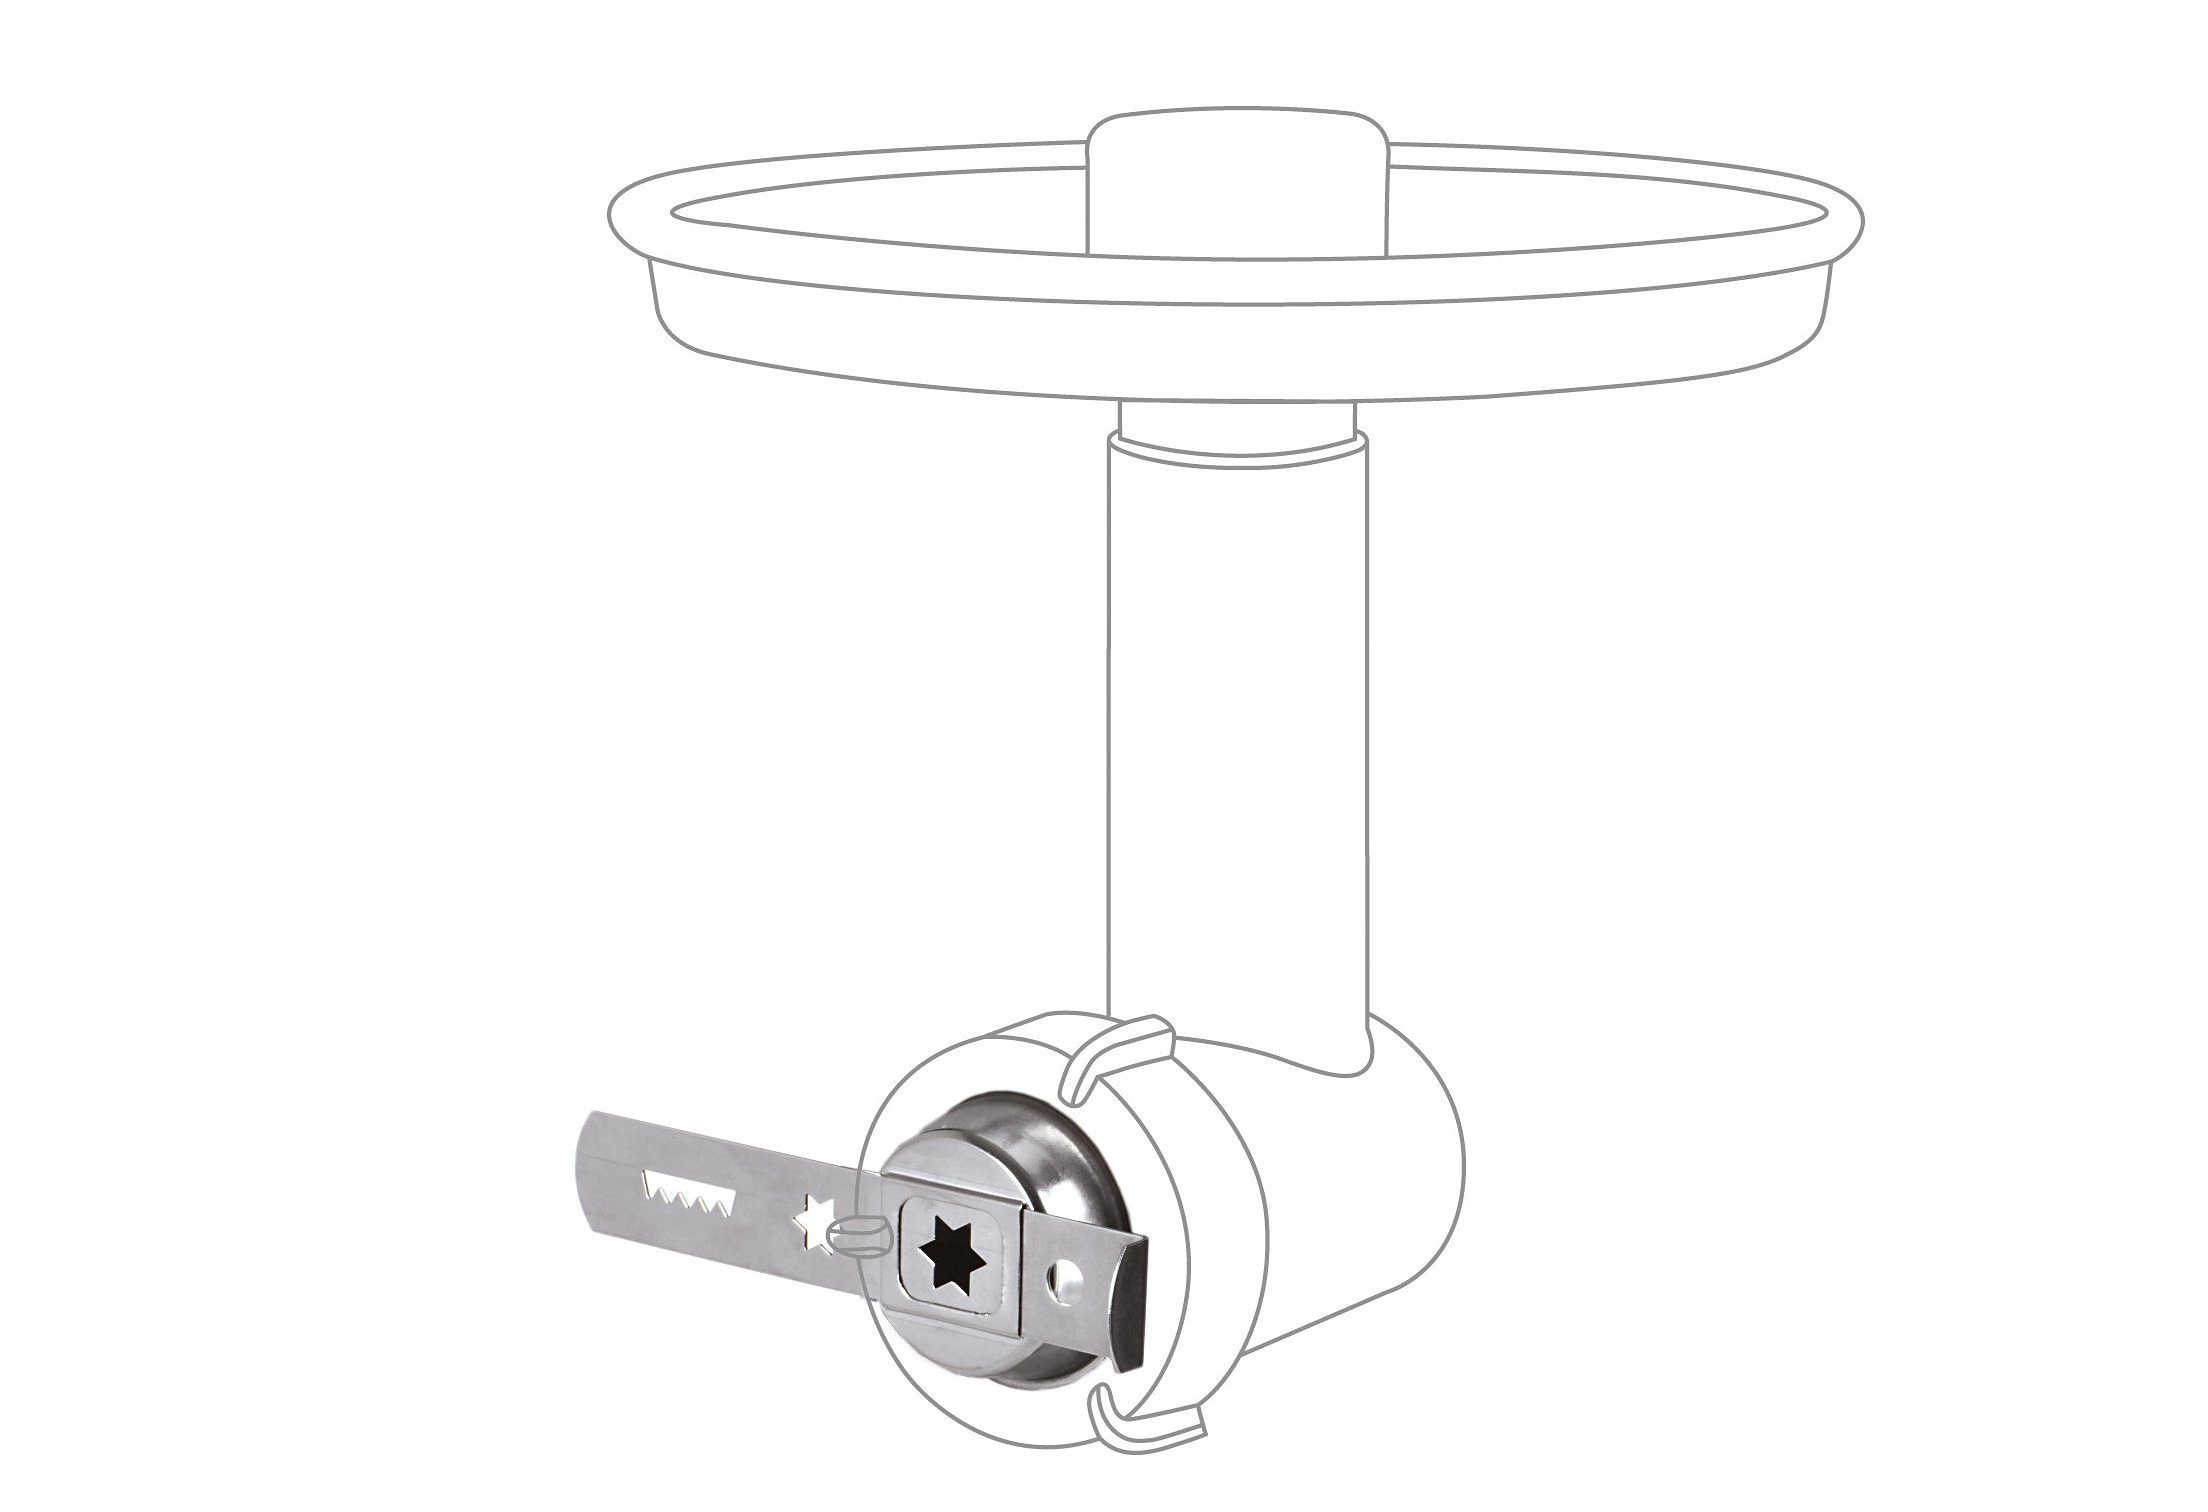 Jupiter Vorsatz für Systemantrieb Spritzgebäckvorsatz 230006